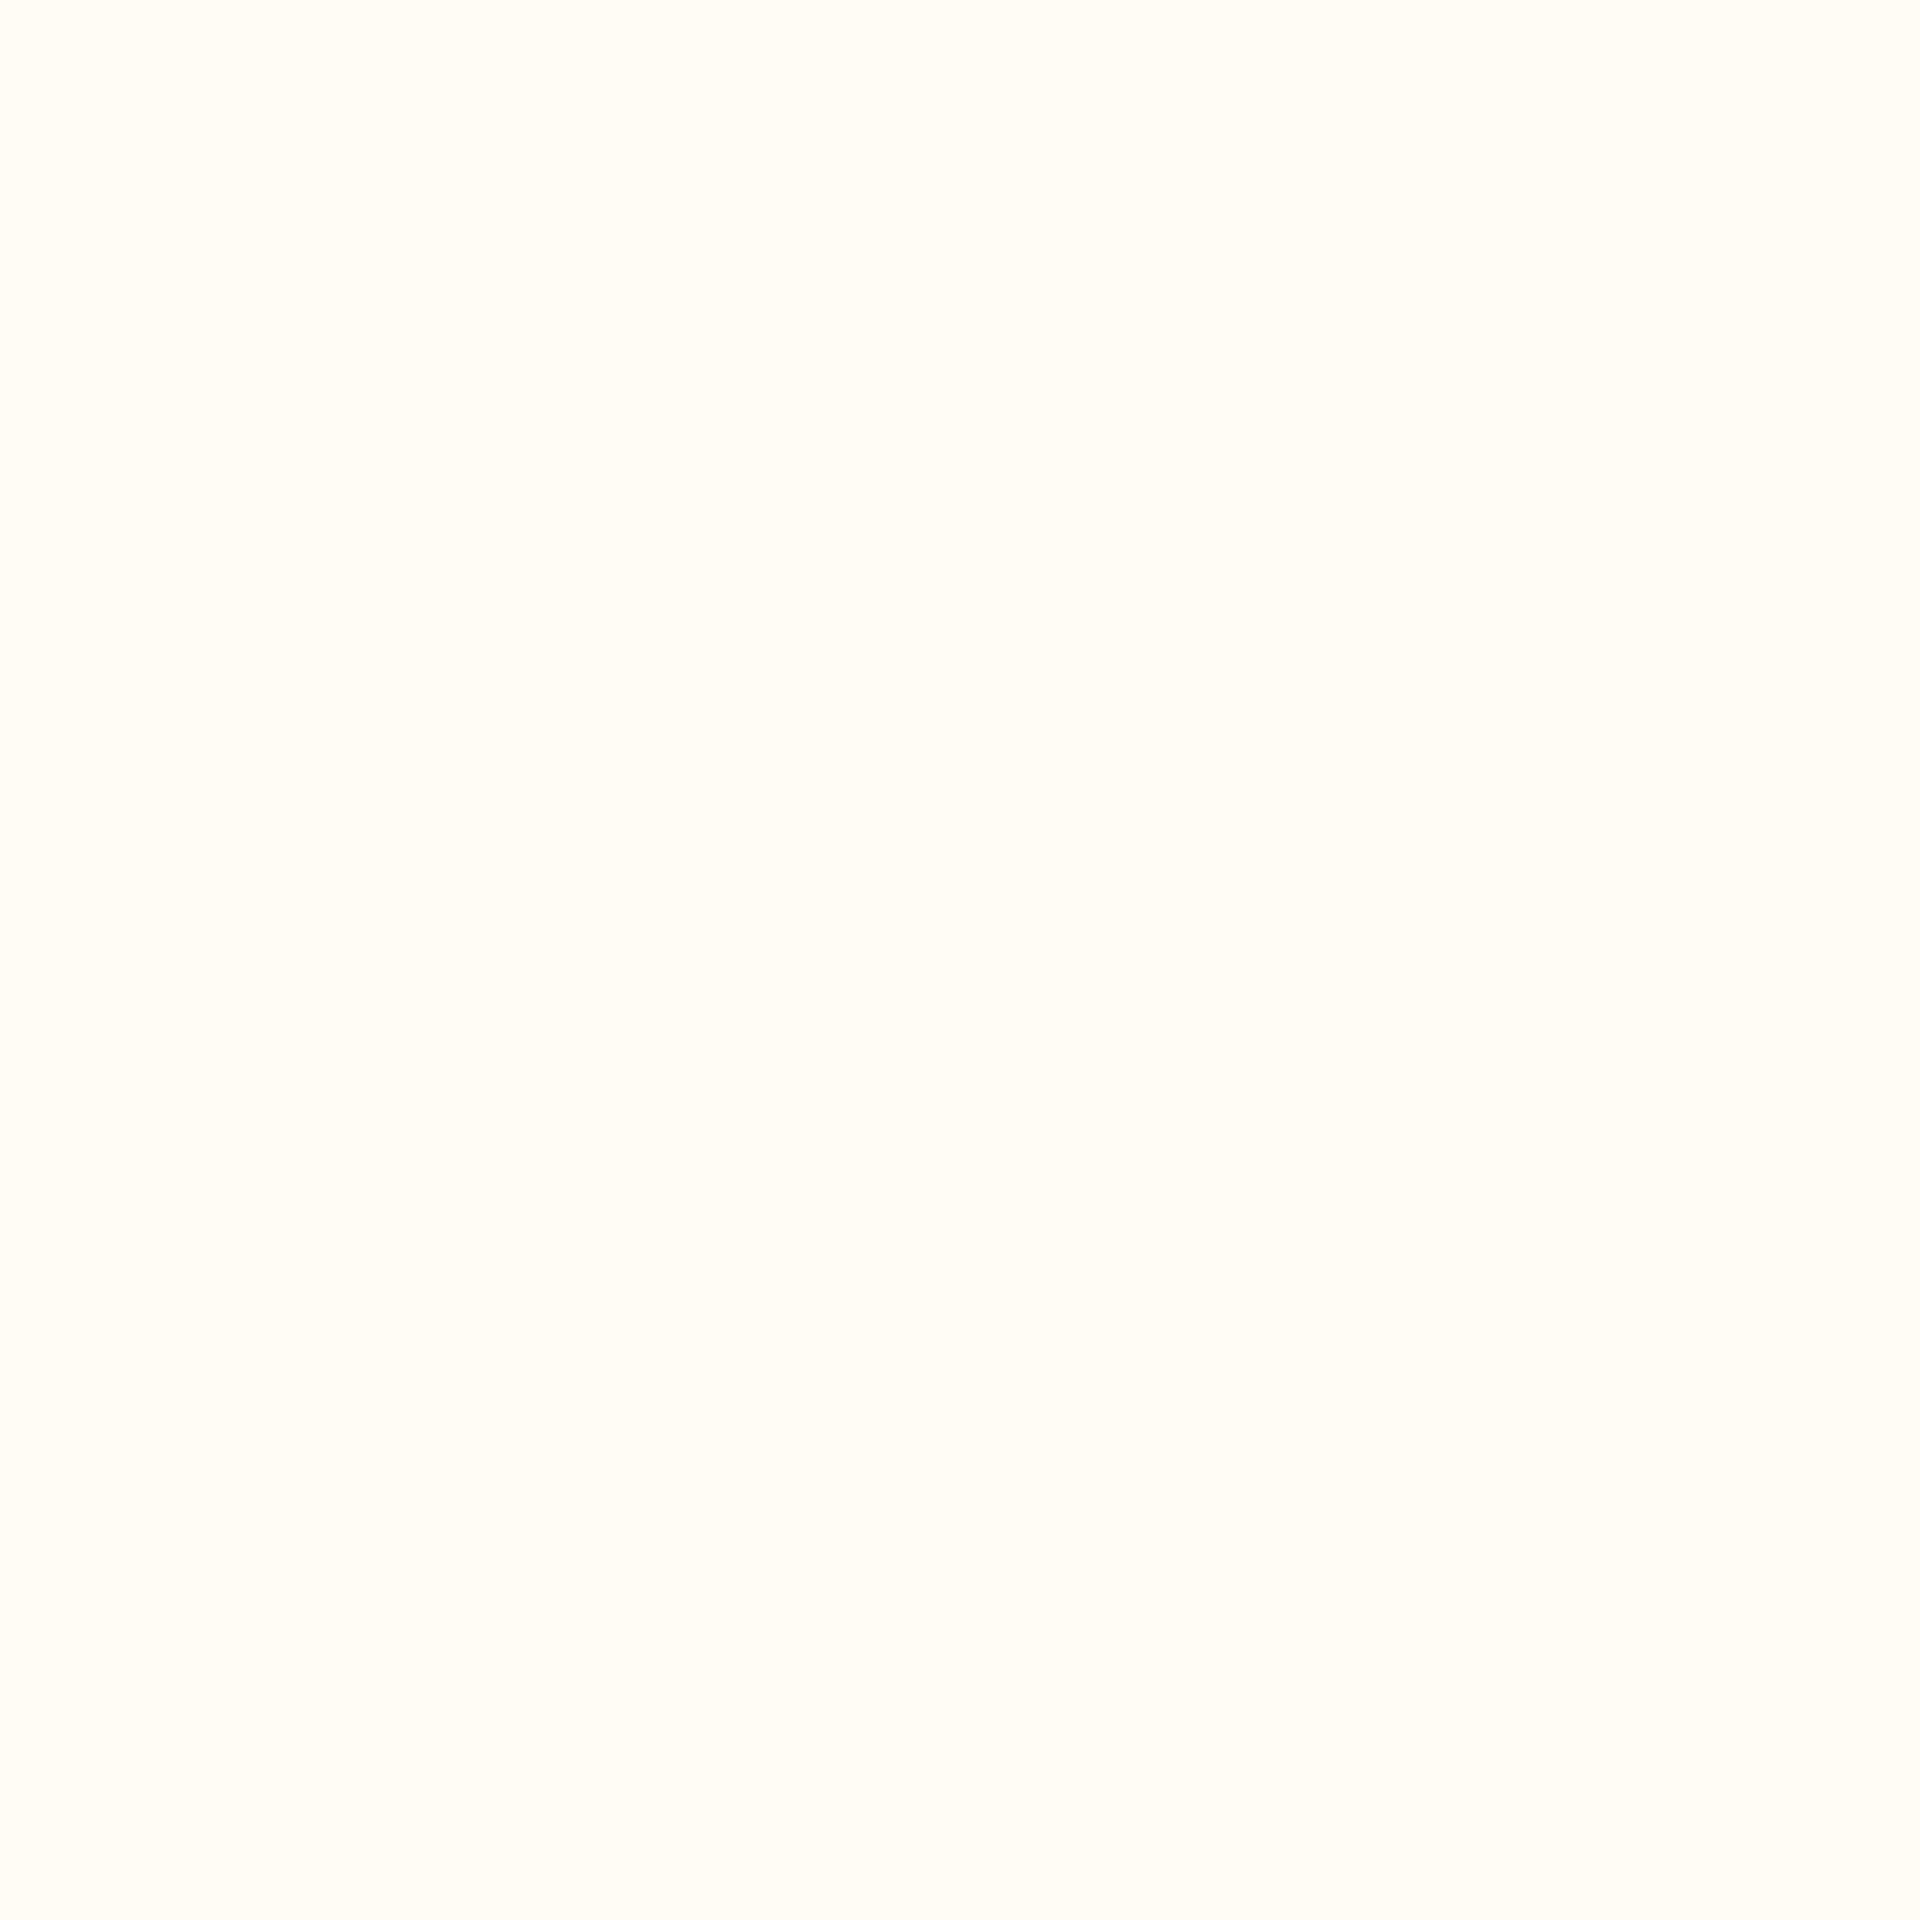 青葉市子の活動10周年記念!初期アルバム『剃刀乙女』と『檻髪』のアナログ版が本日発売 music201223_ichiko-aoba_4-1920x1920